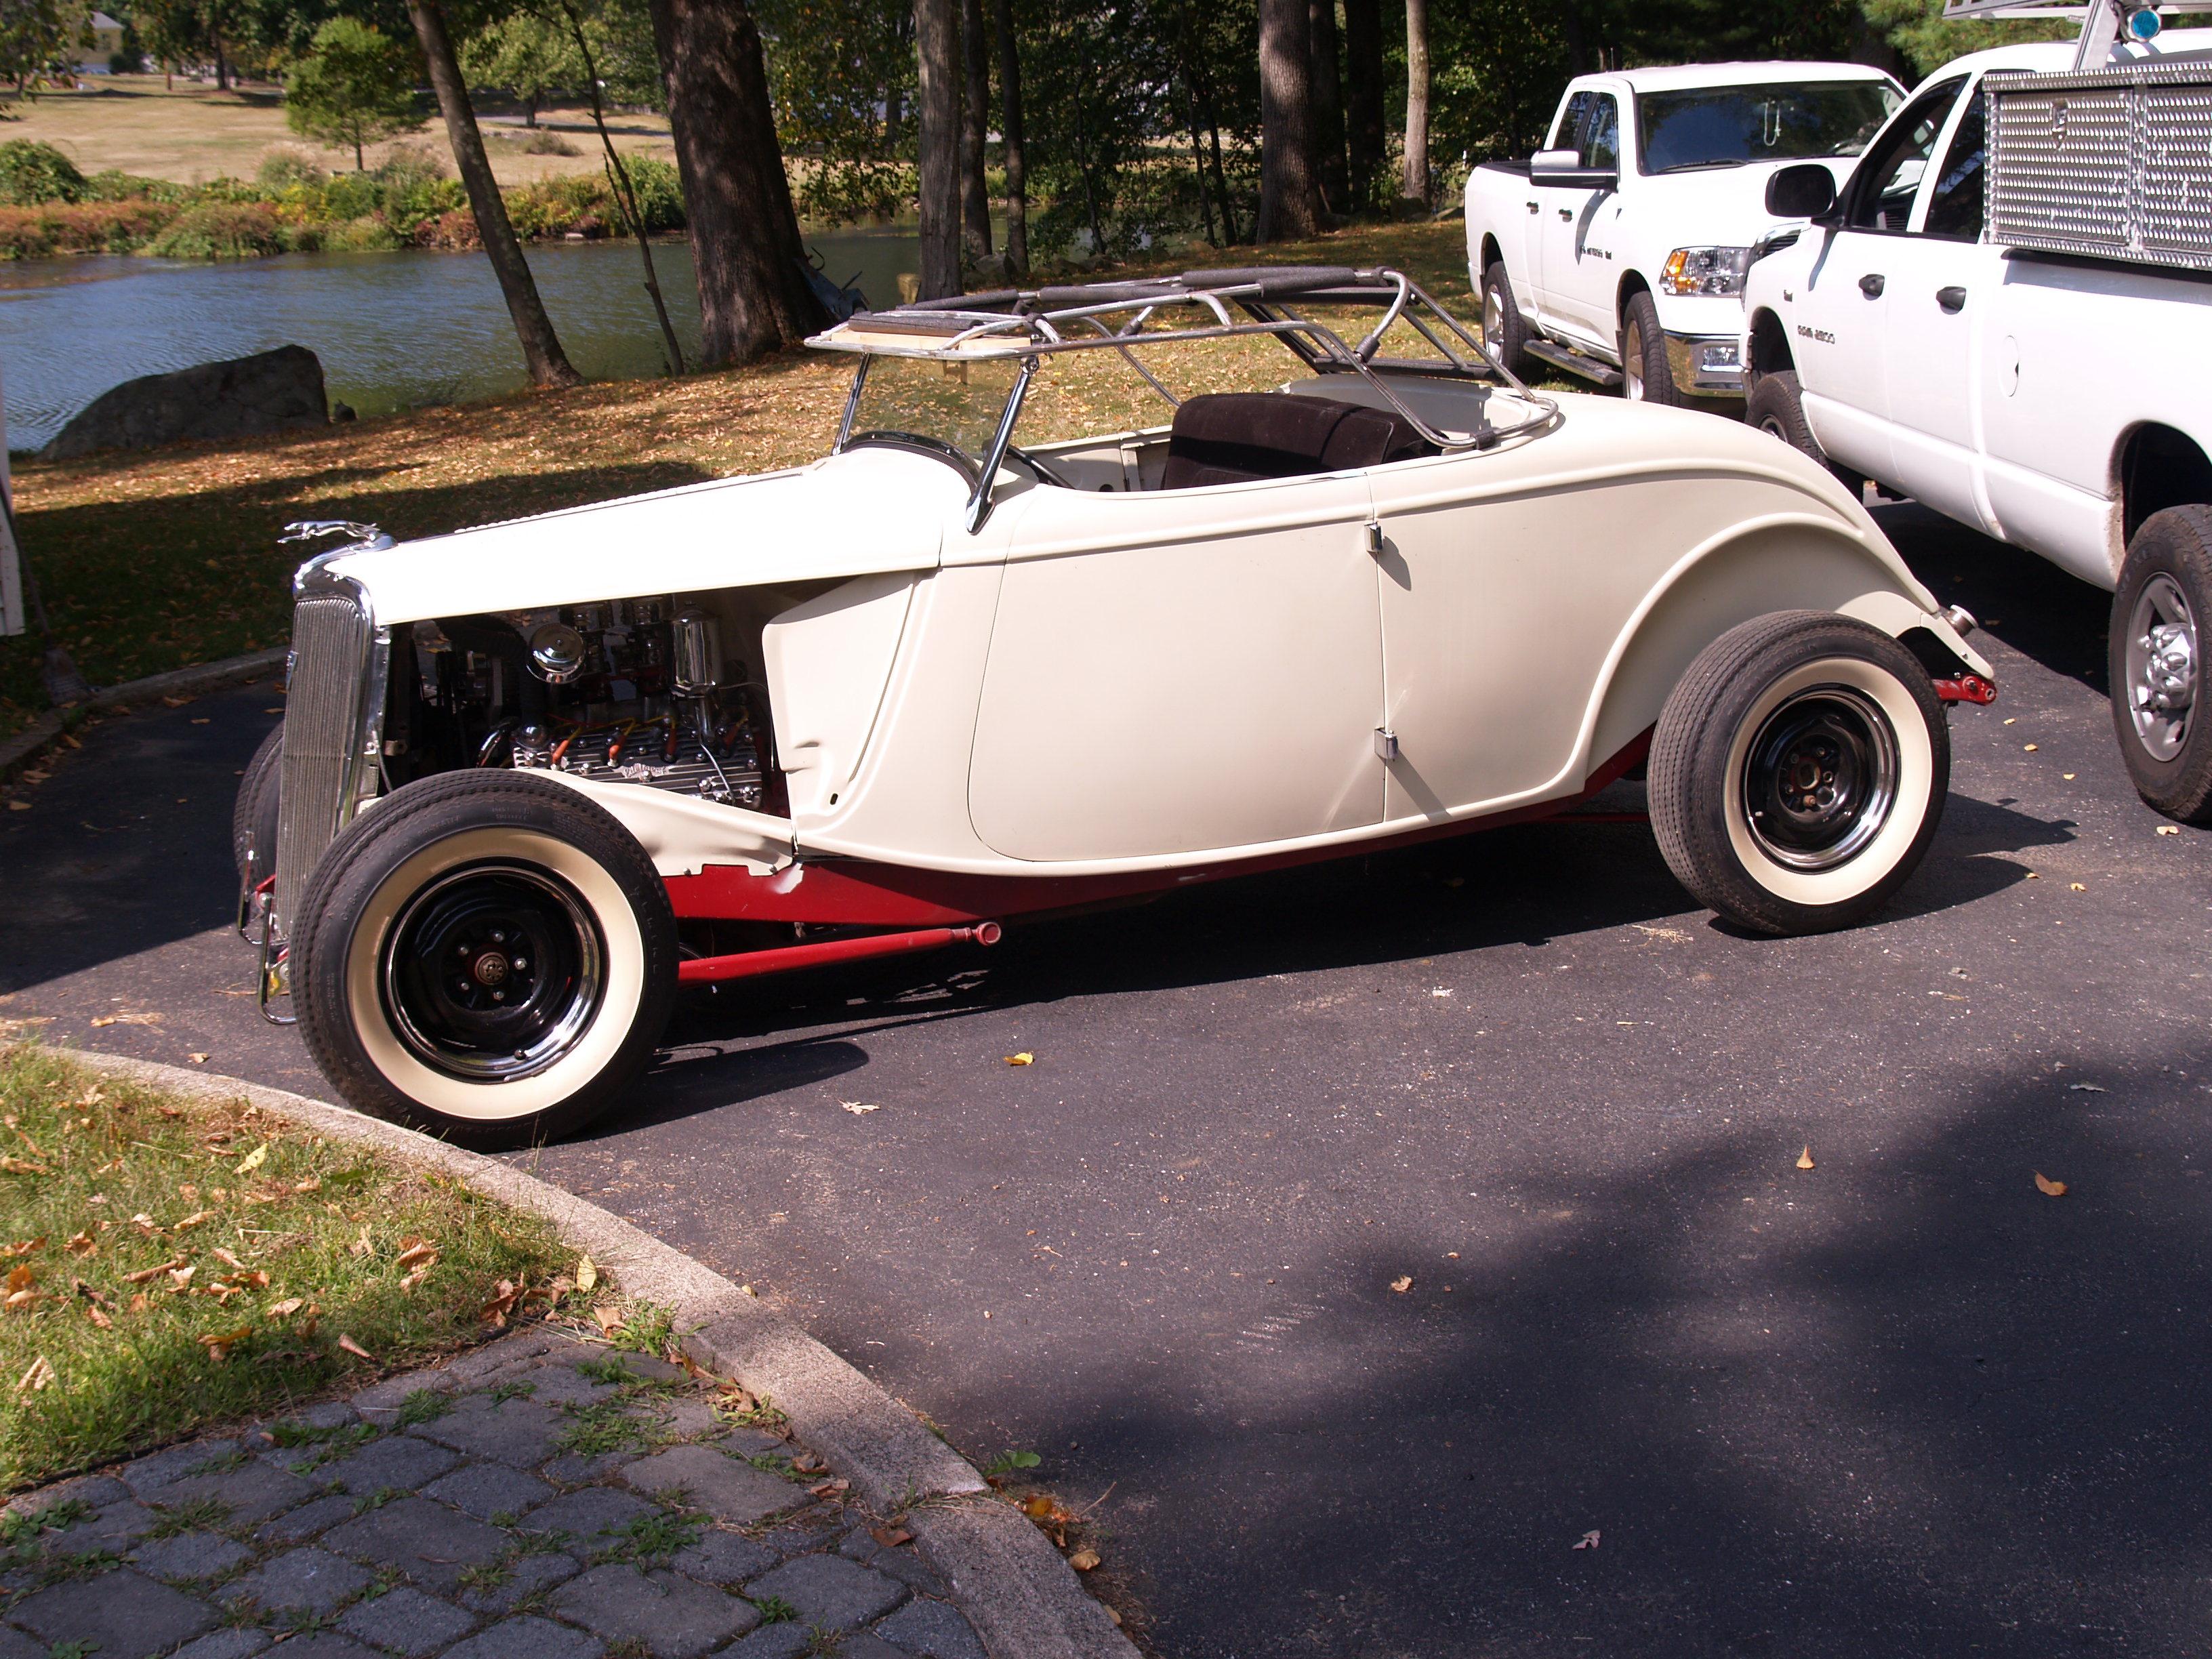 091914-06 1934 Ford Roadster.JPG